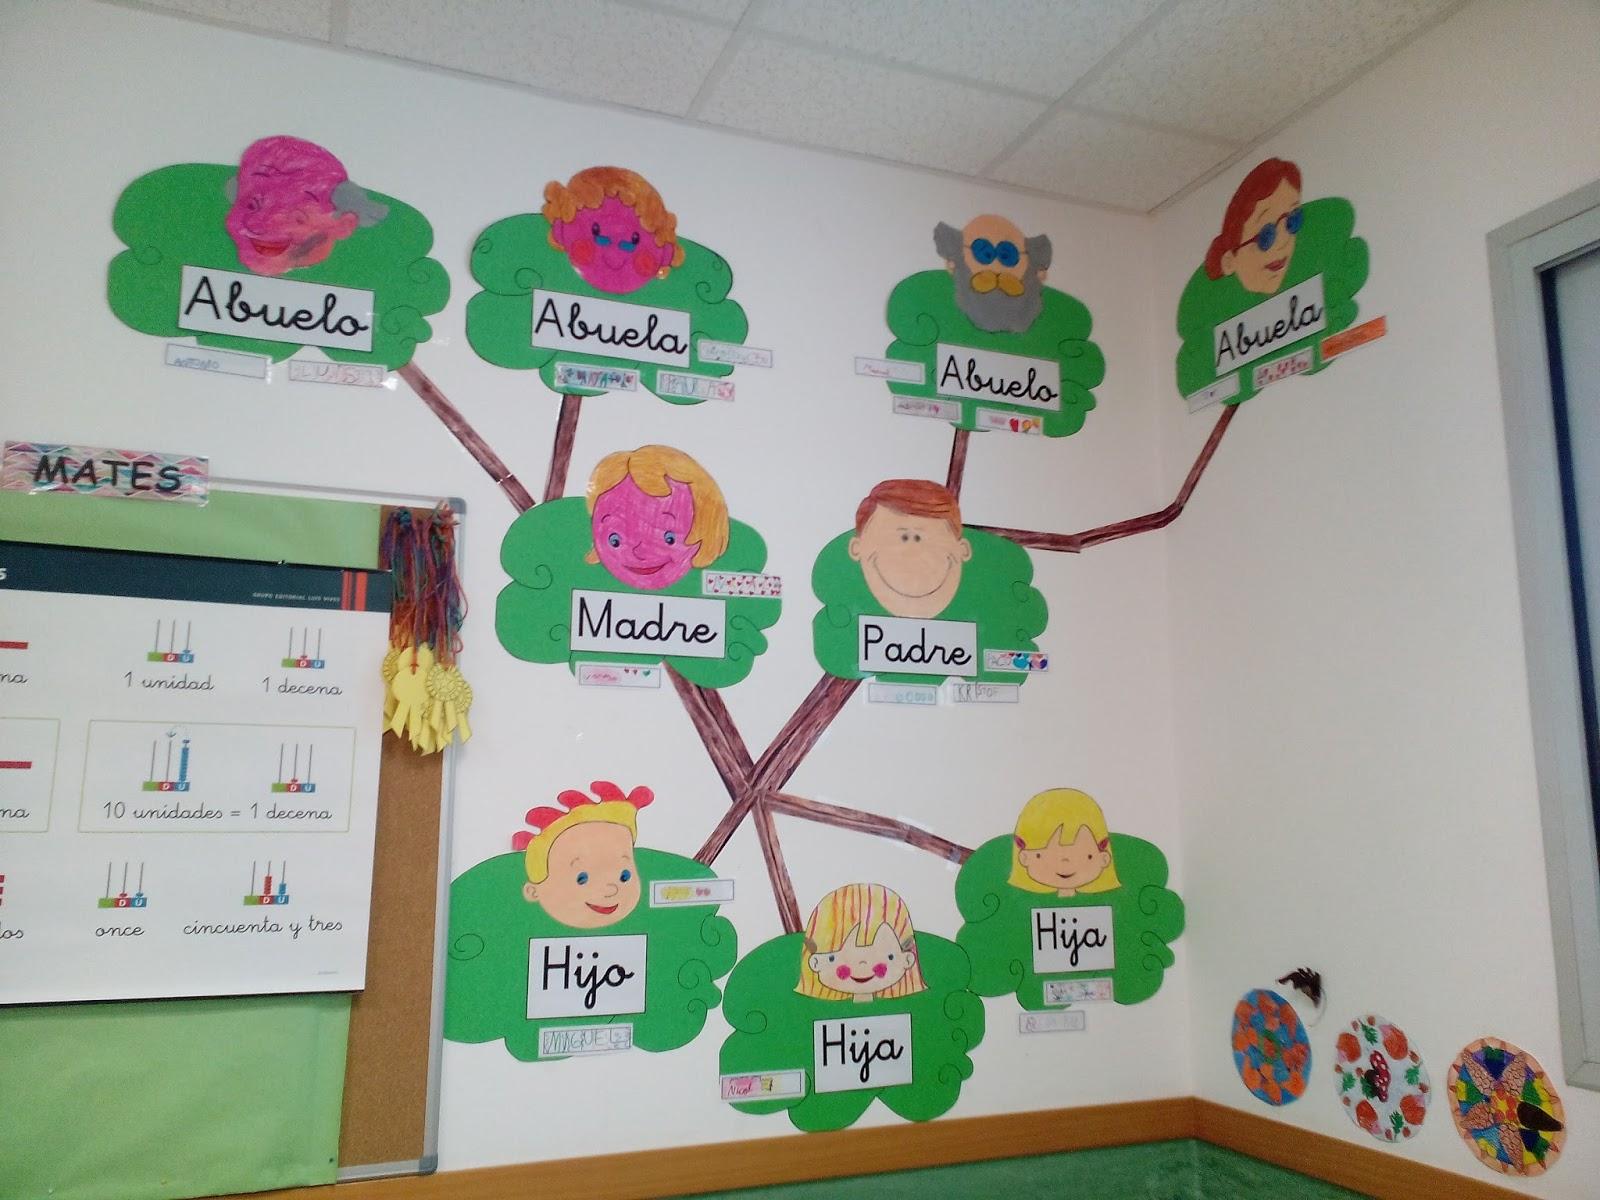 Blog de primaria otra forma diferente de trabajar la familia for Decoracion aula primaria